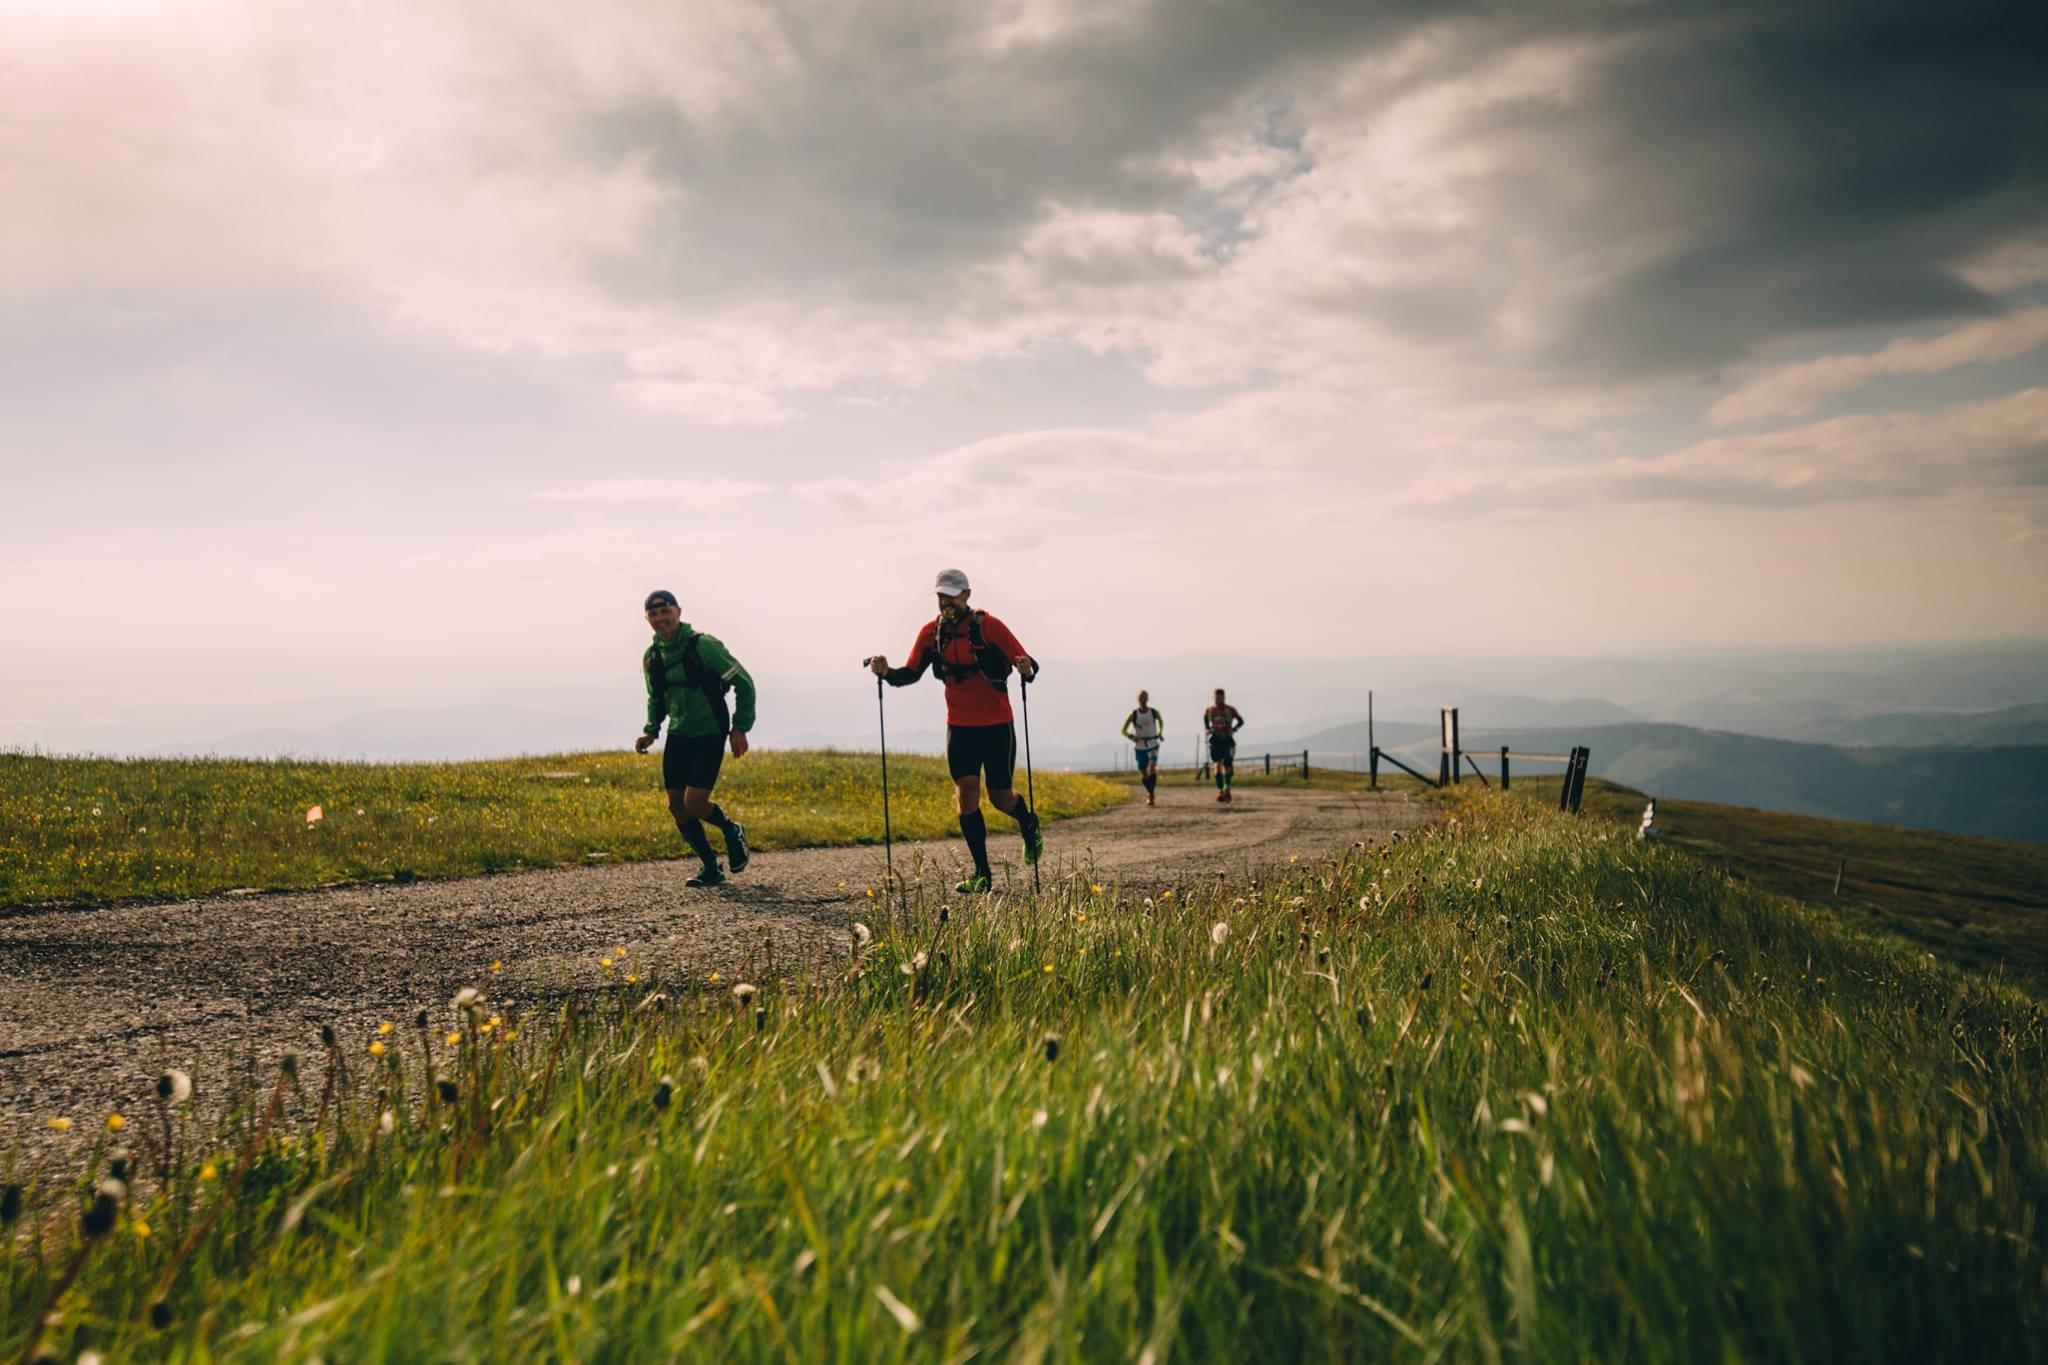 Expresky z hôr 98 - Nízkotatranská stíhačka, desaťročie jej existencie, zdroj: FB page Nízkotatranská stíhačka